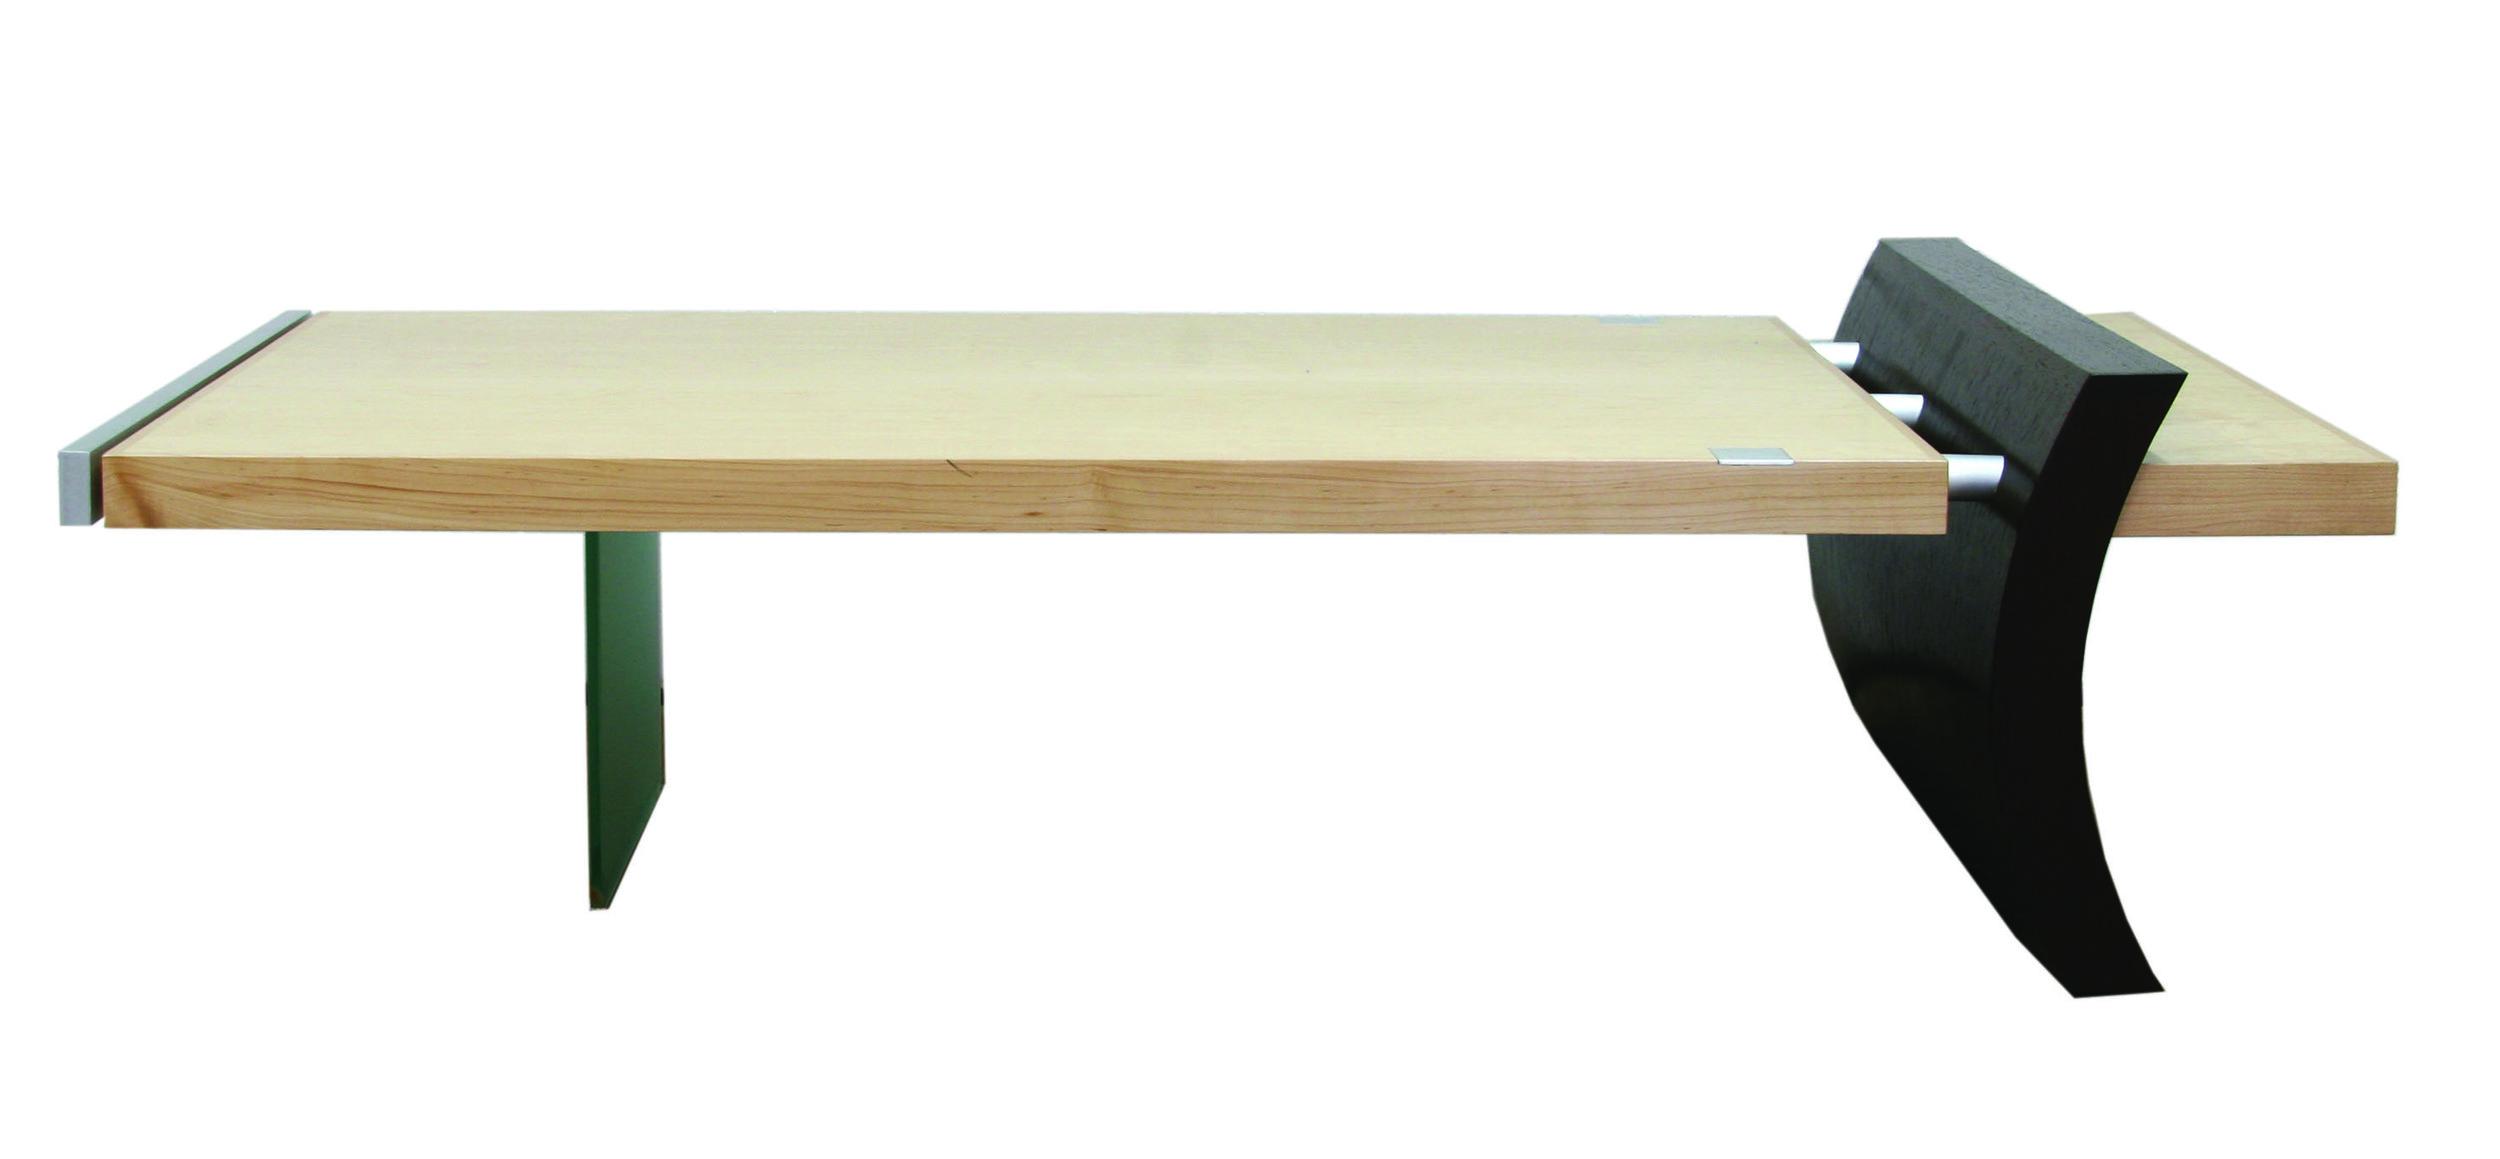 Signature_coffee table.jpg